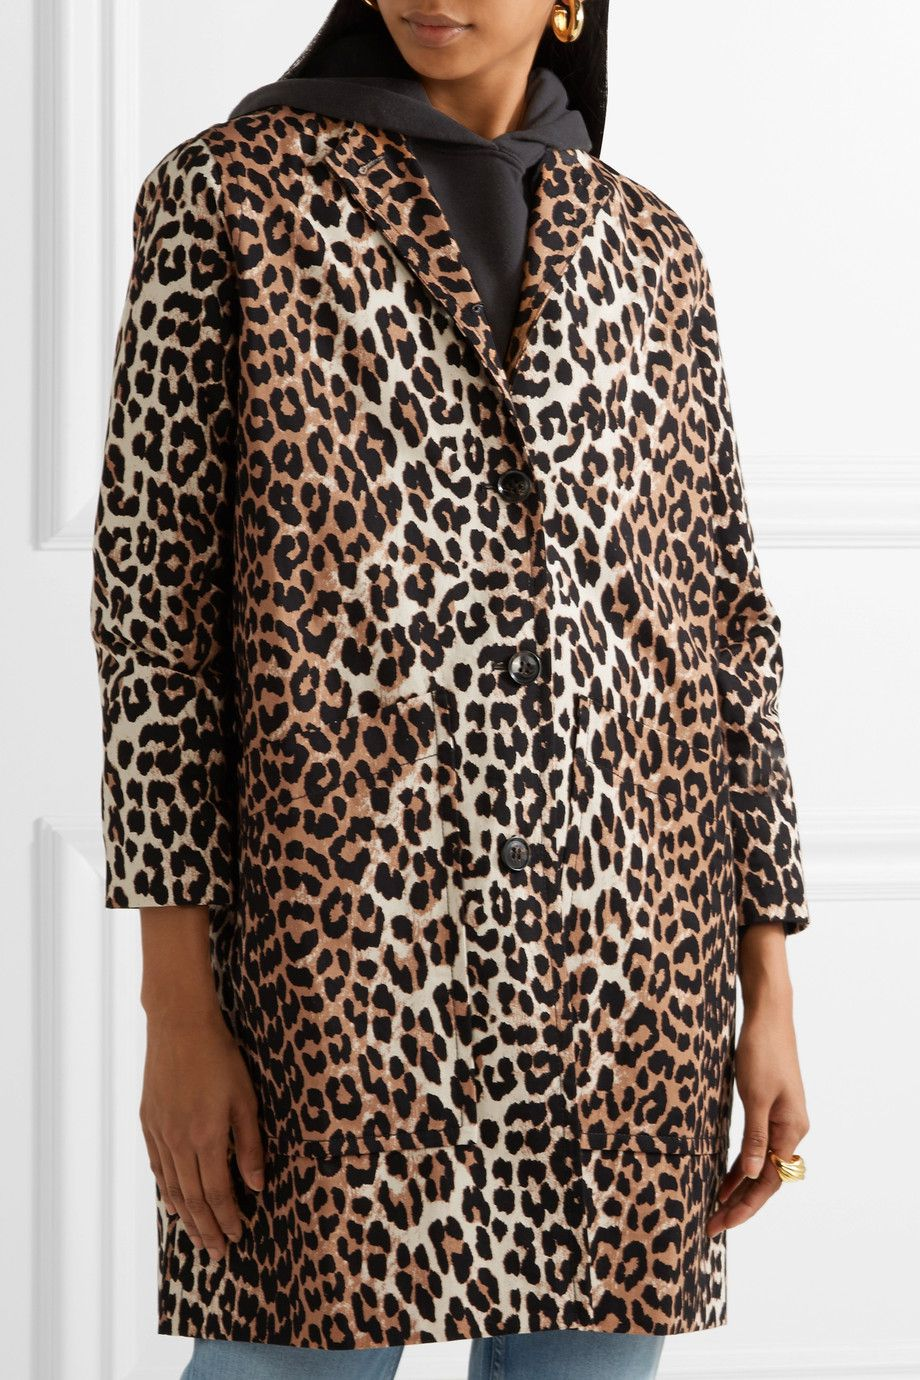 A leopard coat